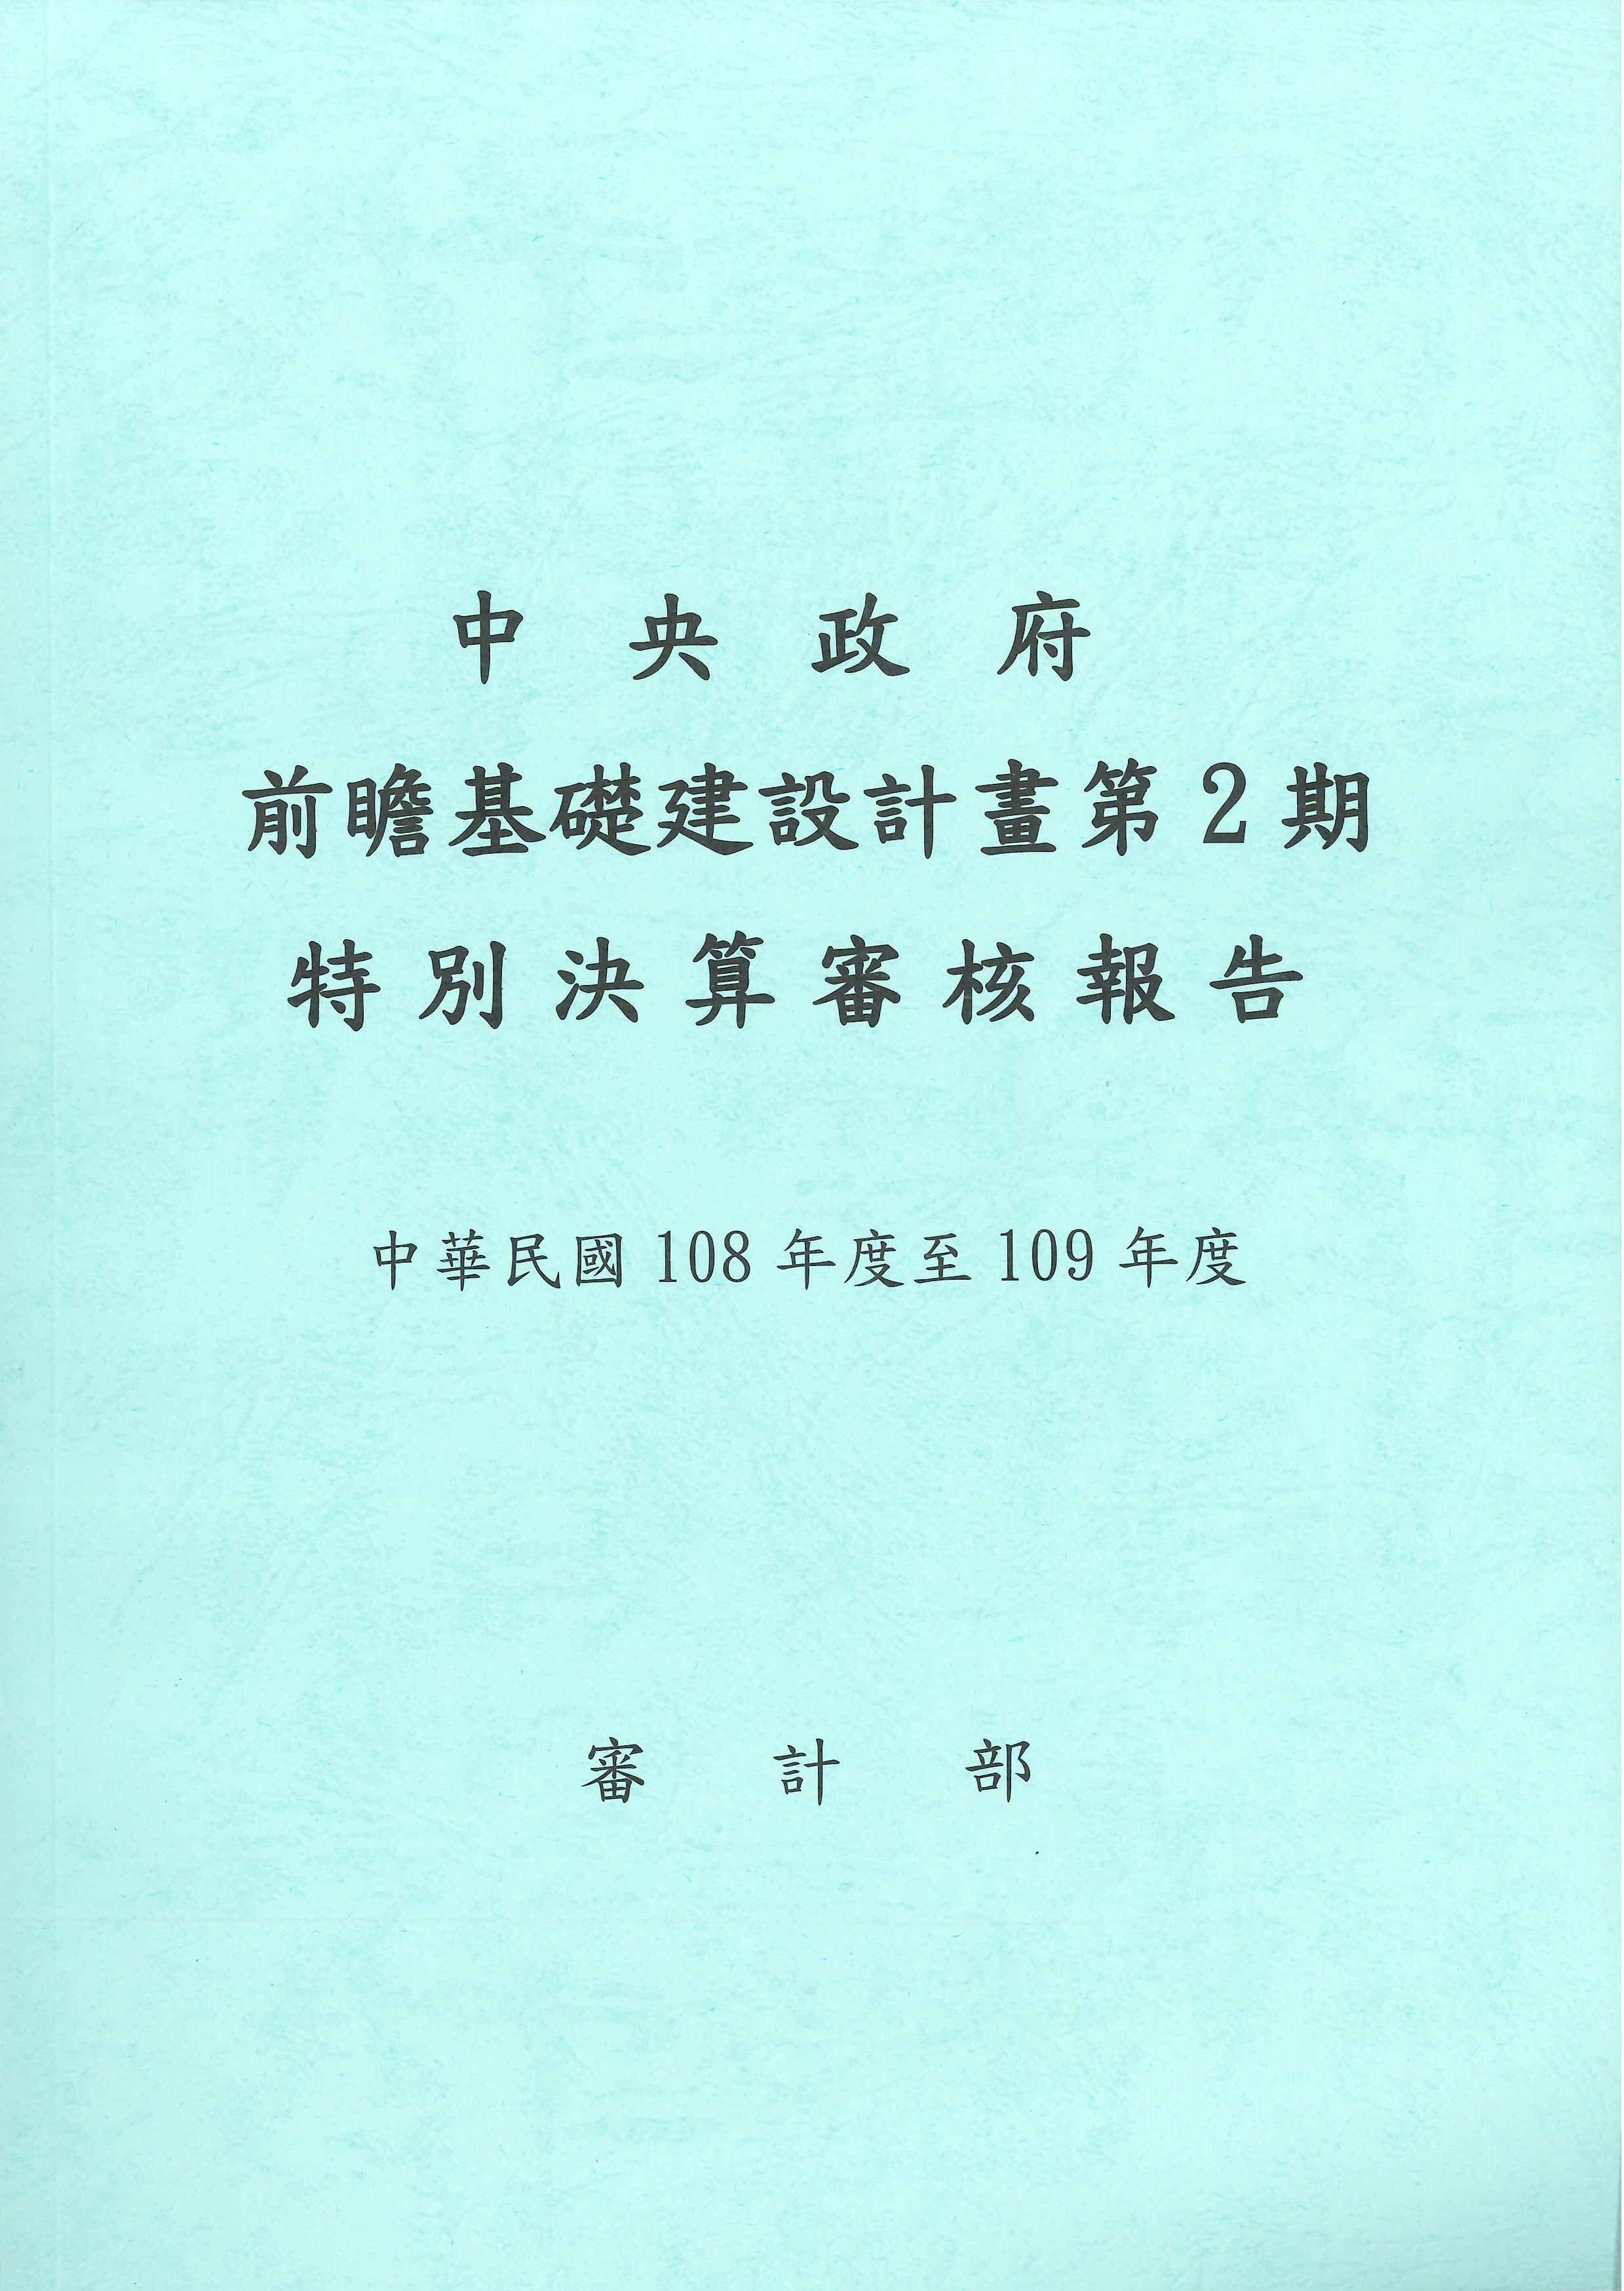 中央政府前瞻基礎建設計畫第2期特別決算審核報告.中華民國108年度至109年度